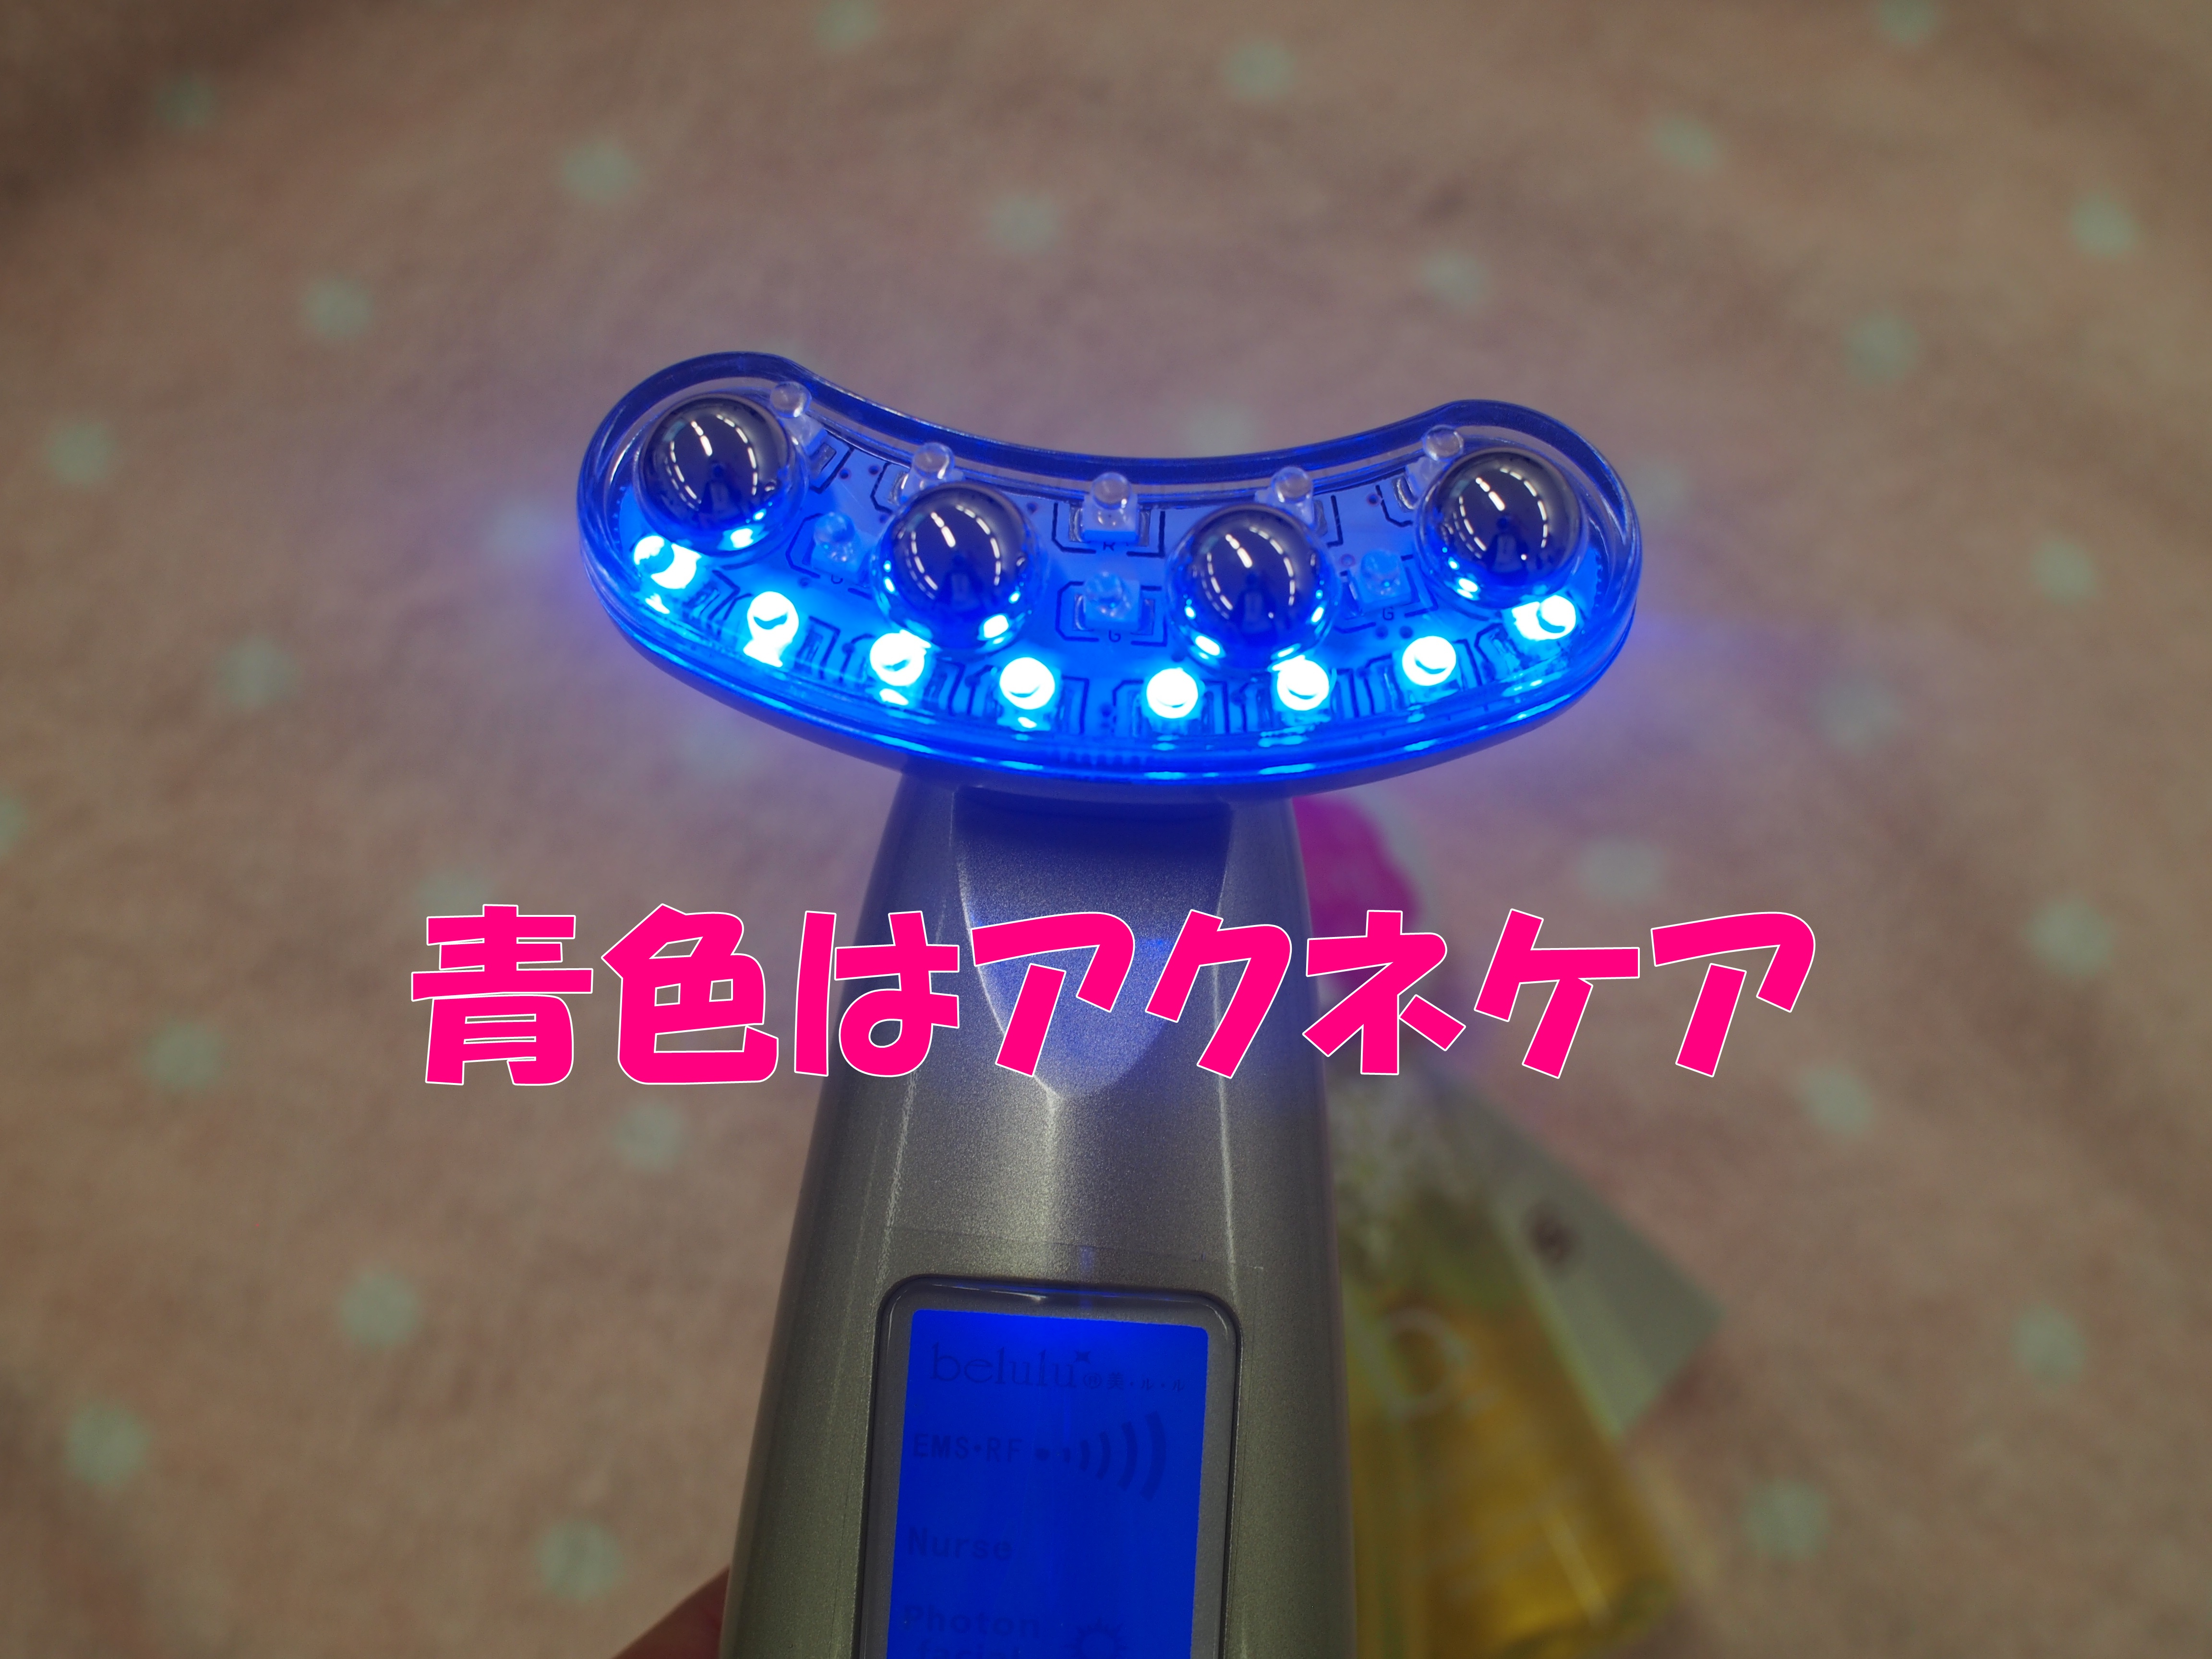 美ルルリバース LED